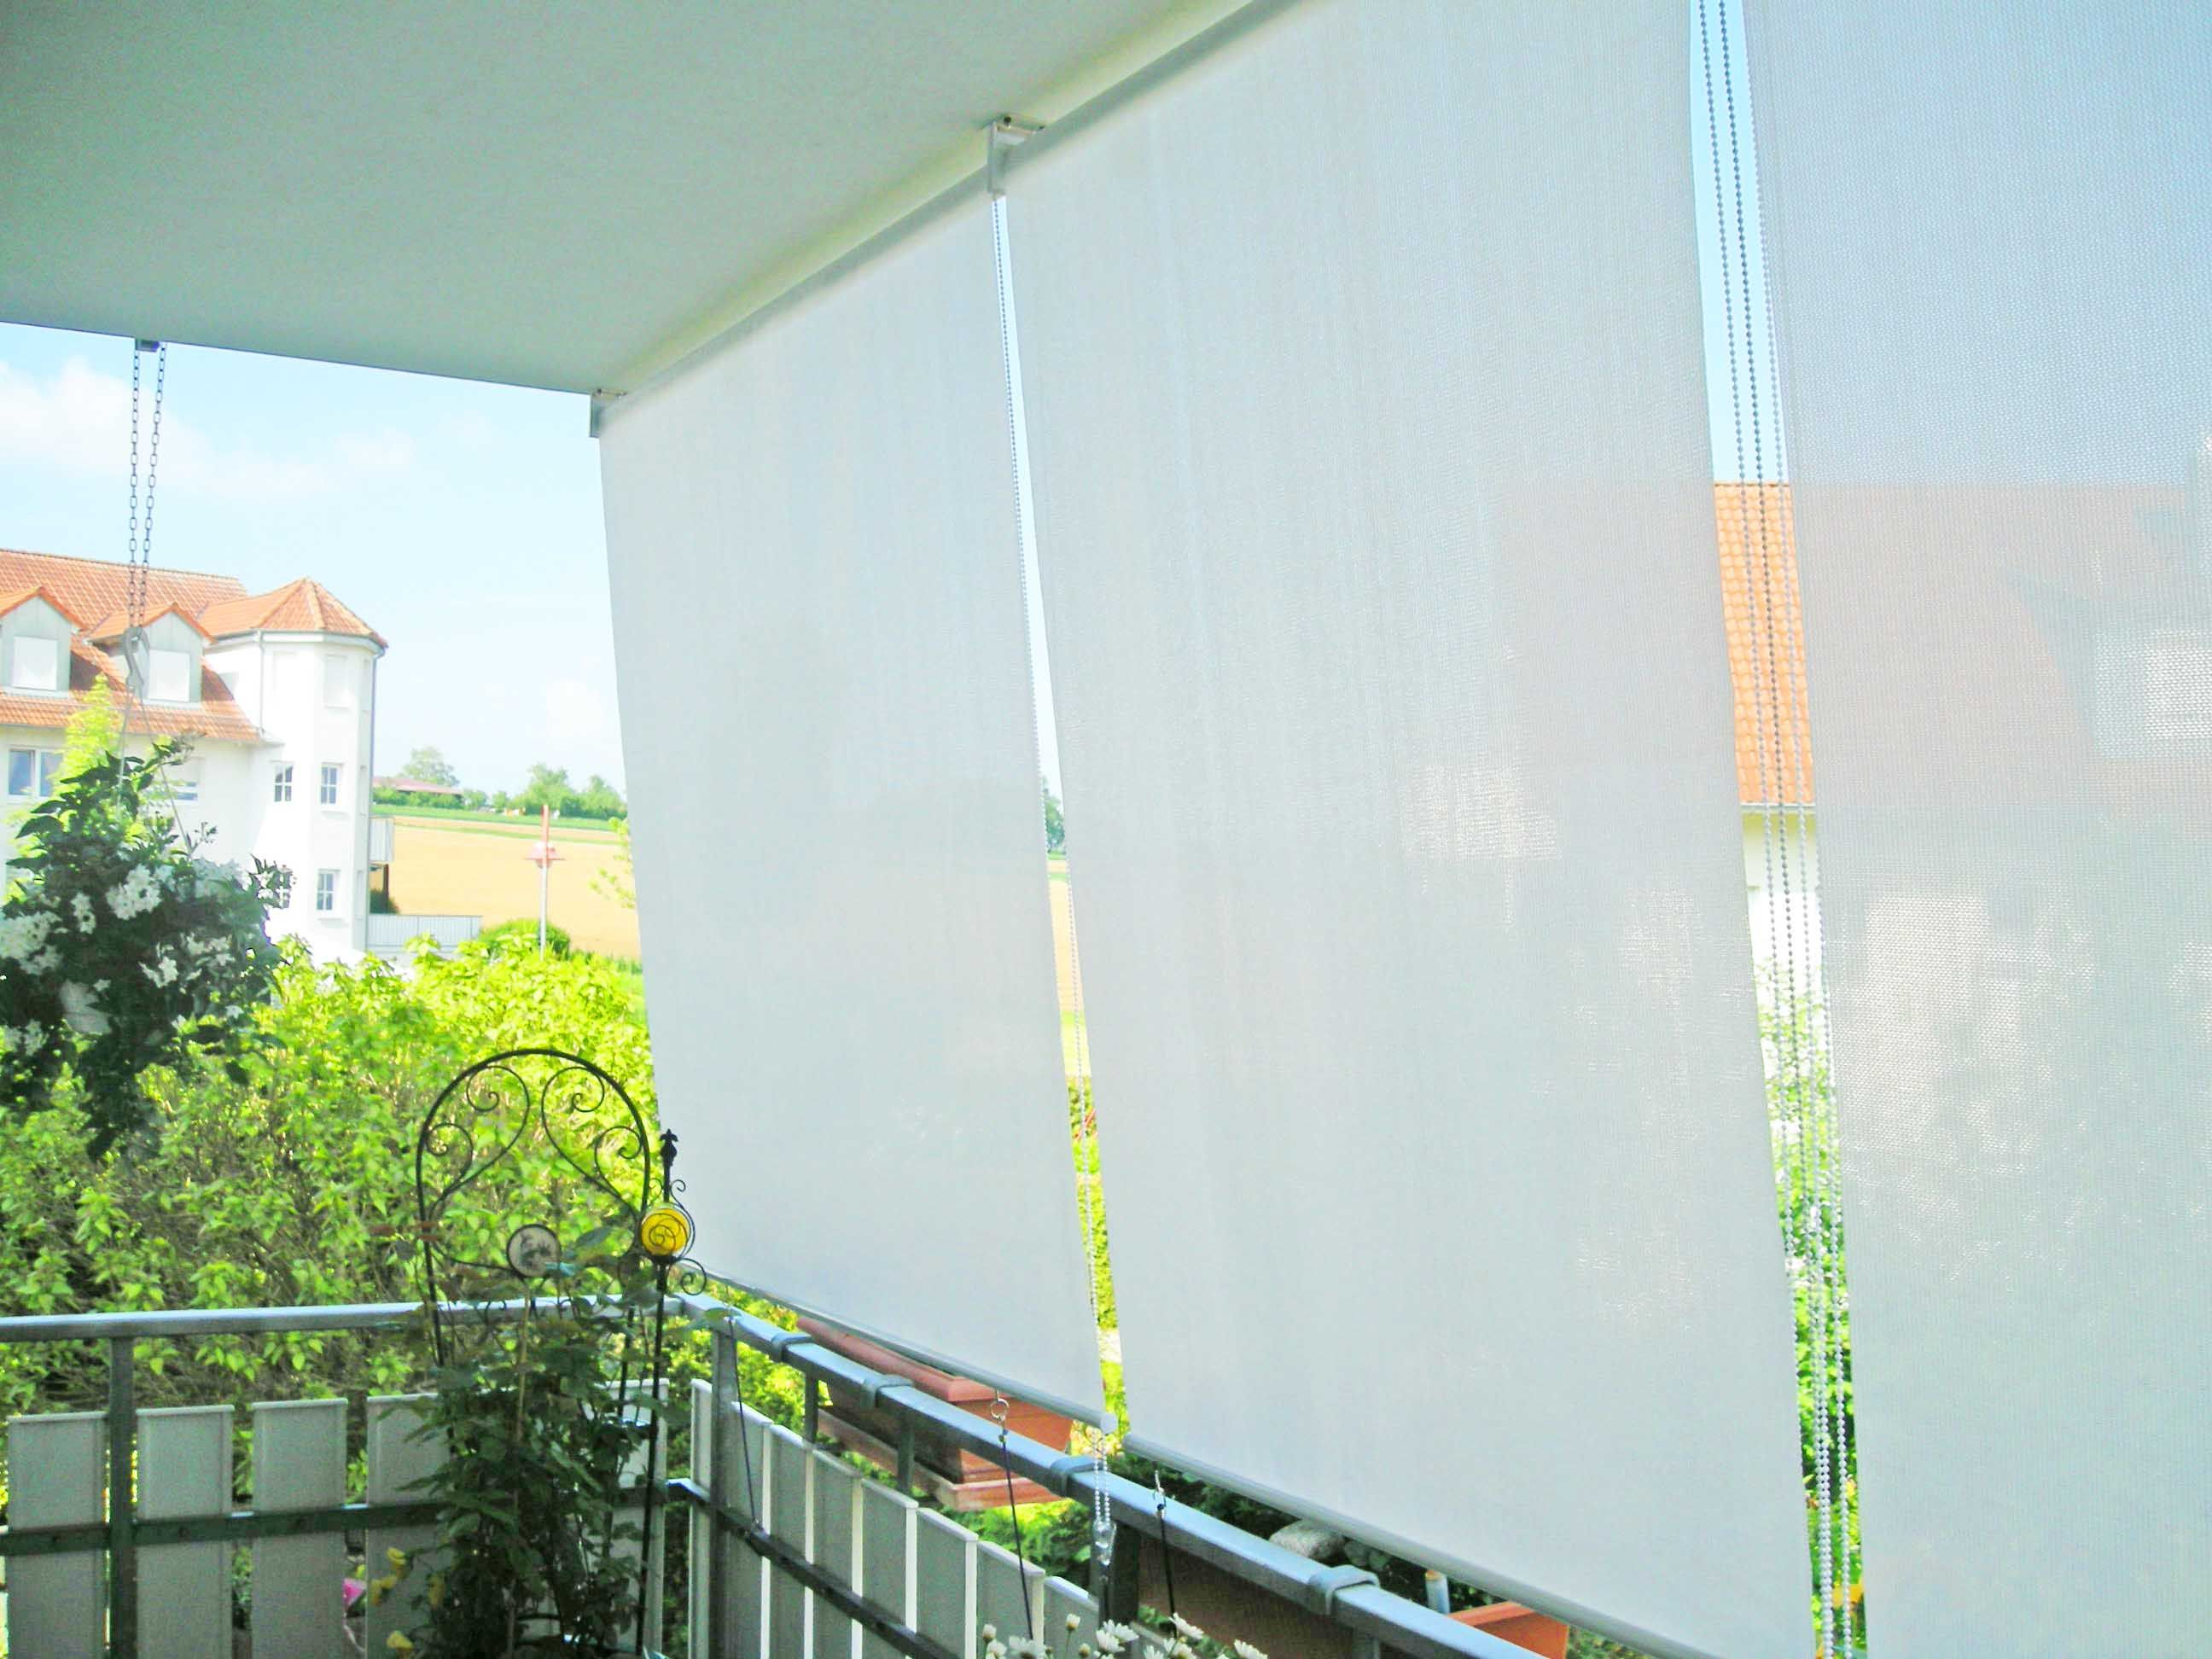 Balkon Sonnenschutz Rollo Sonnenschutz Rollo Aussenrollo